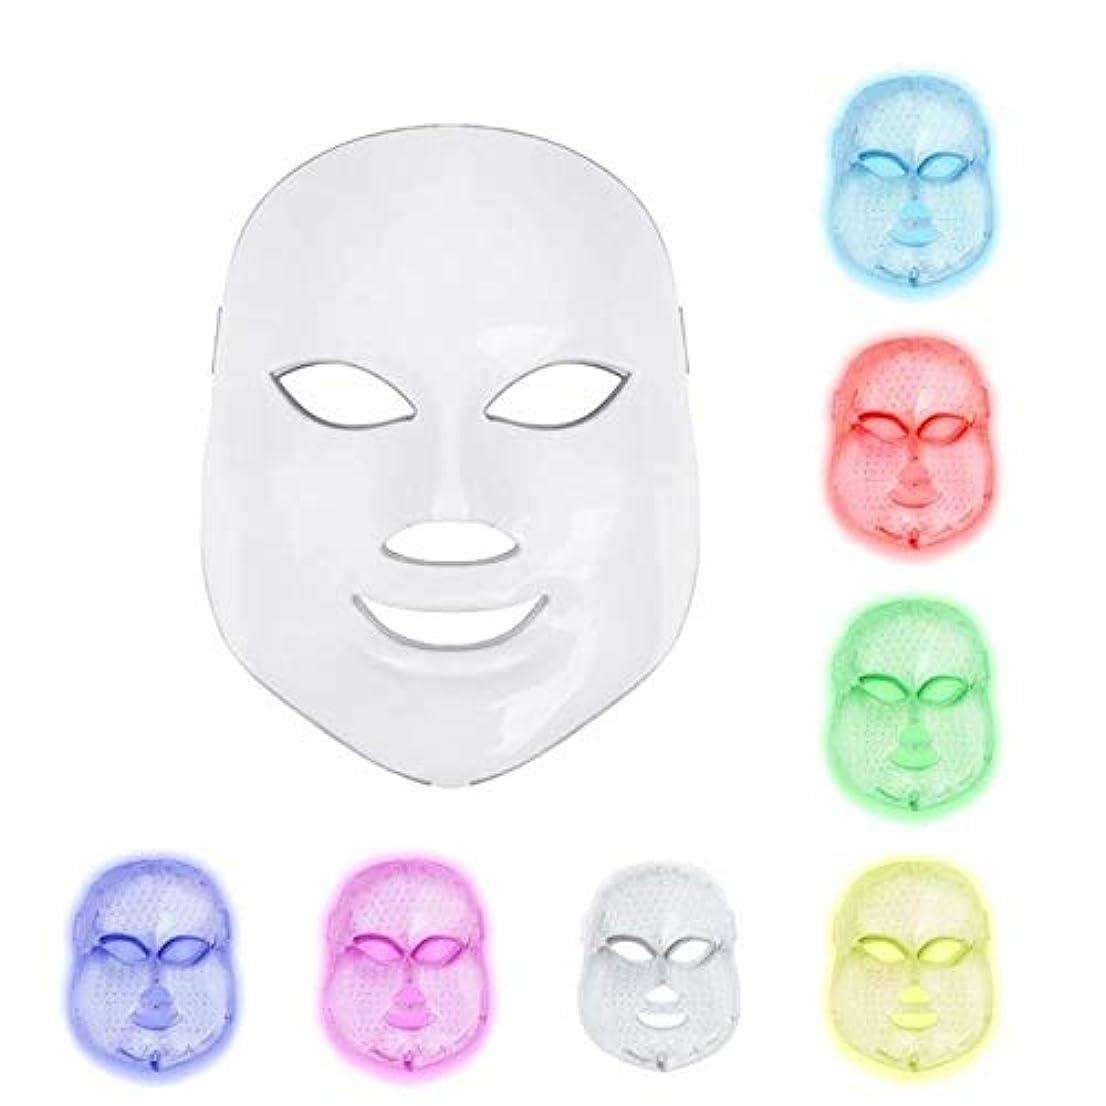 雄大な年齢精査するLed光子療法7色光治療肌の若返りにきびスポットしわホワイトニング美顔術デイリースキンケアマスク